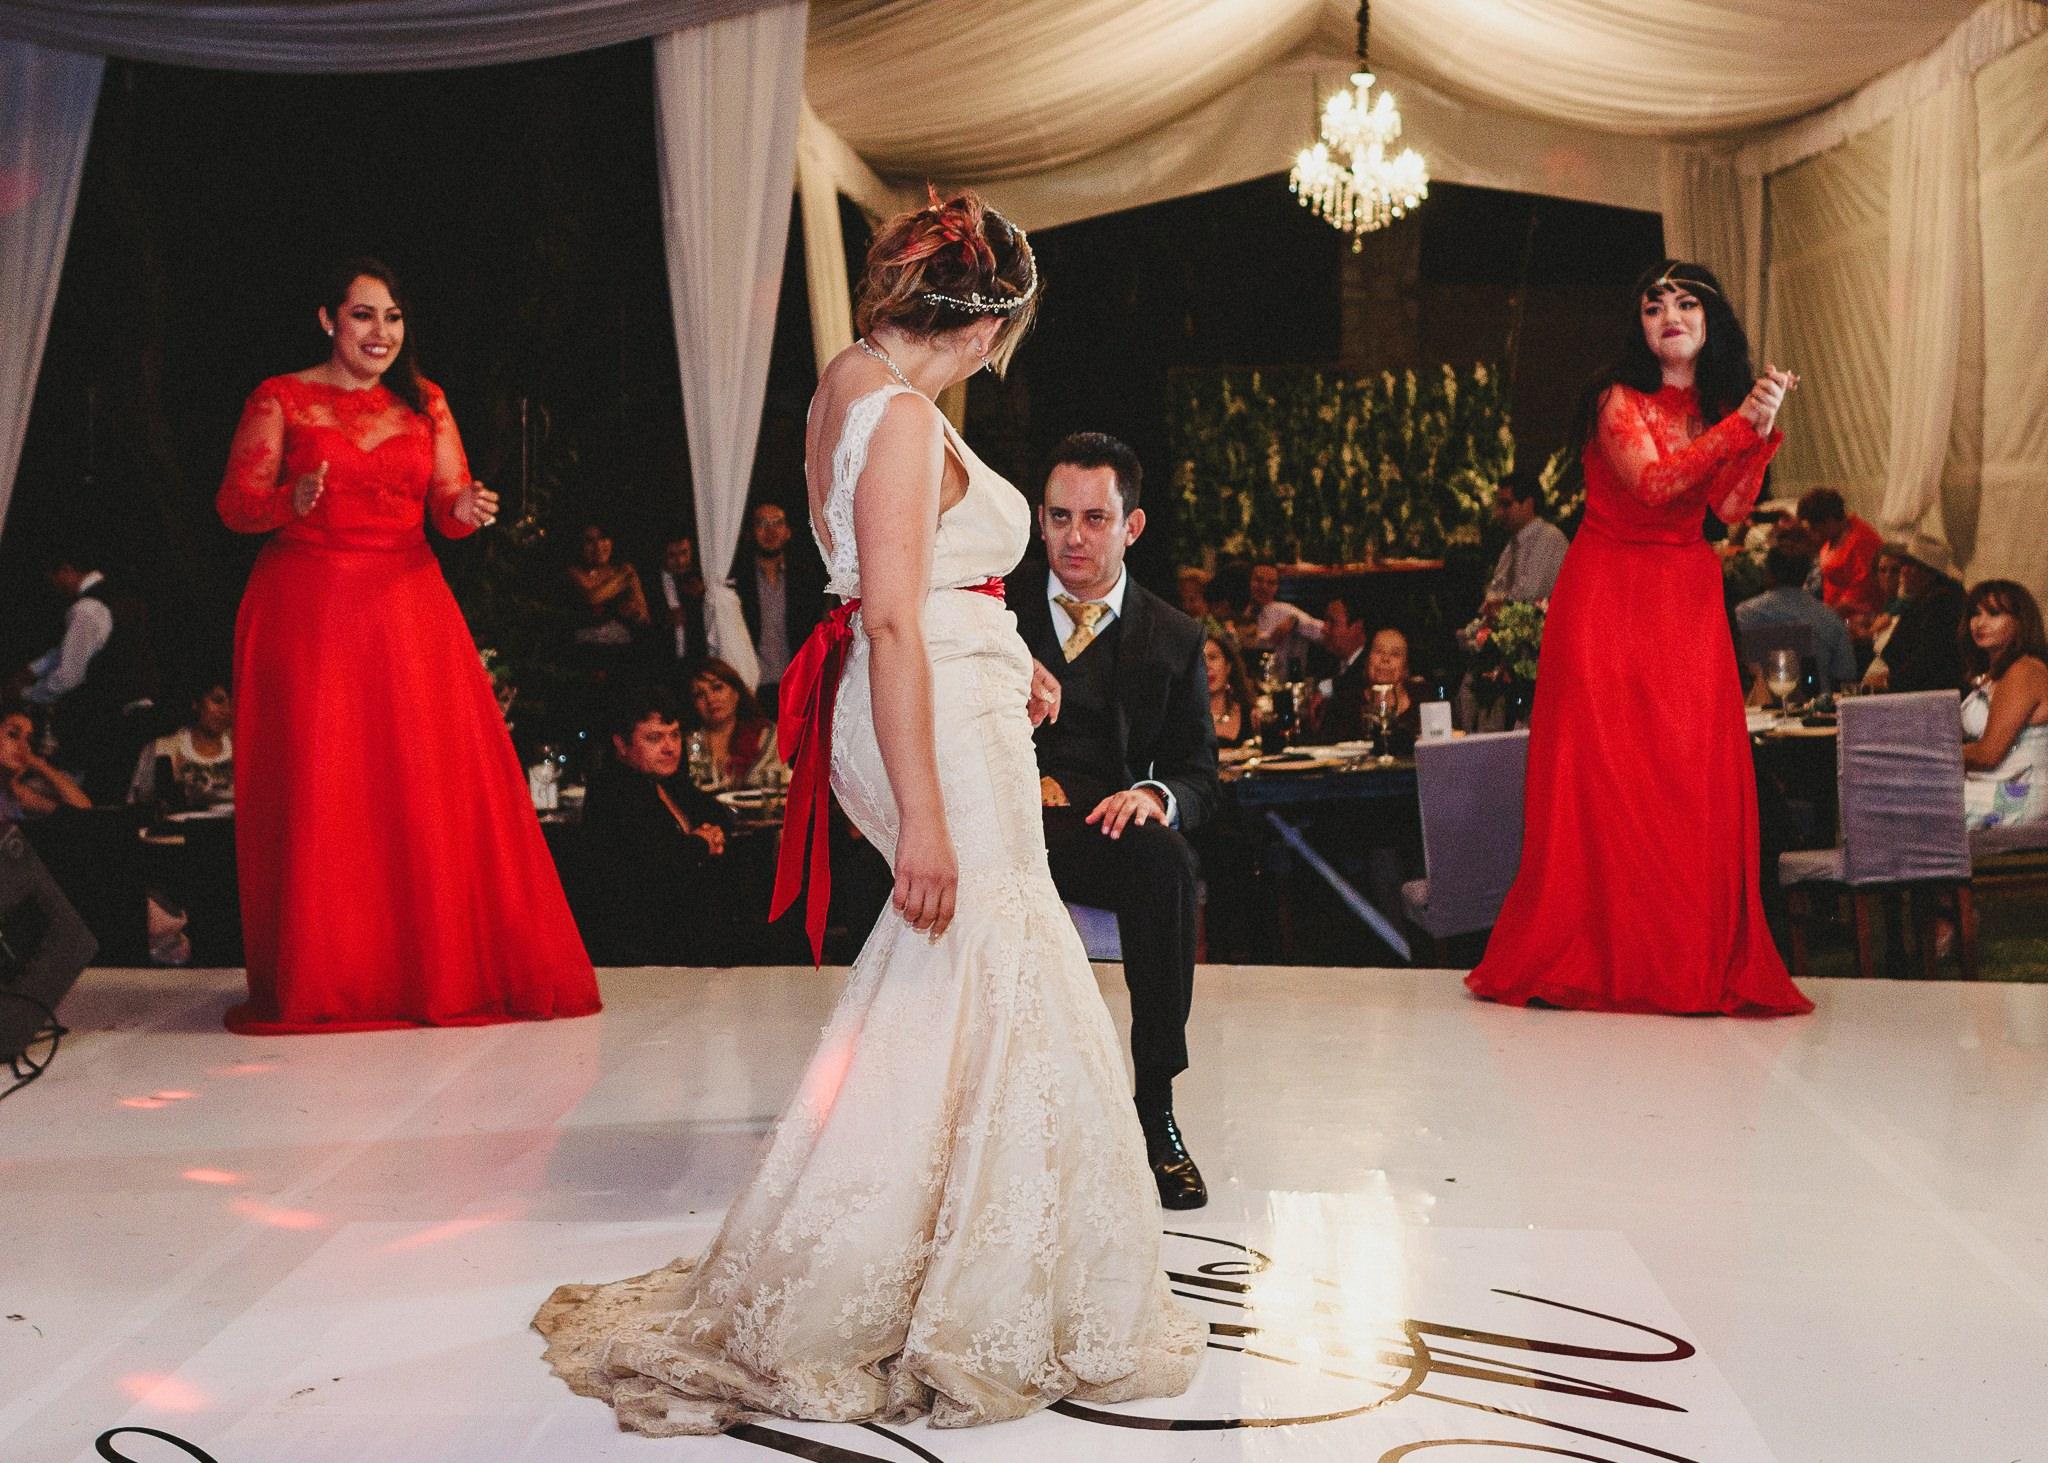 03boda-en-jardin-wedding-hacienda-los-cuartos-fotografo-luis-houdin110